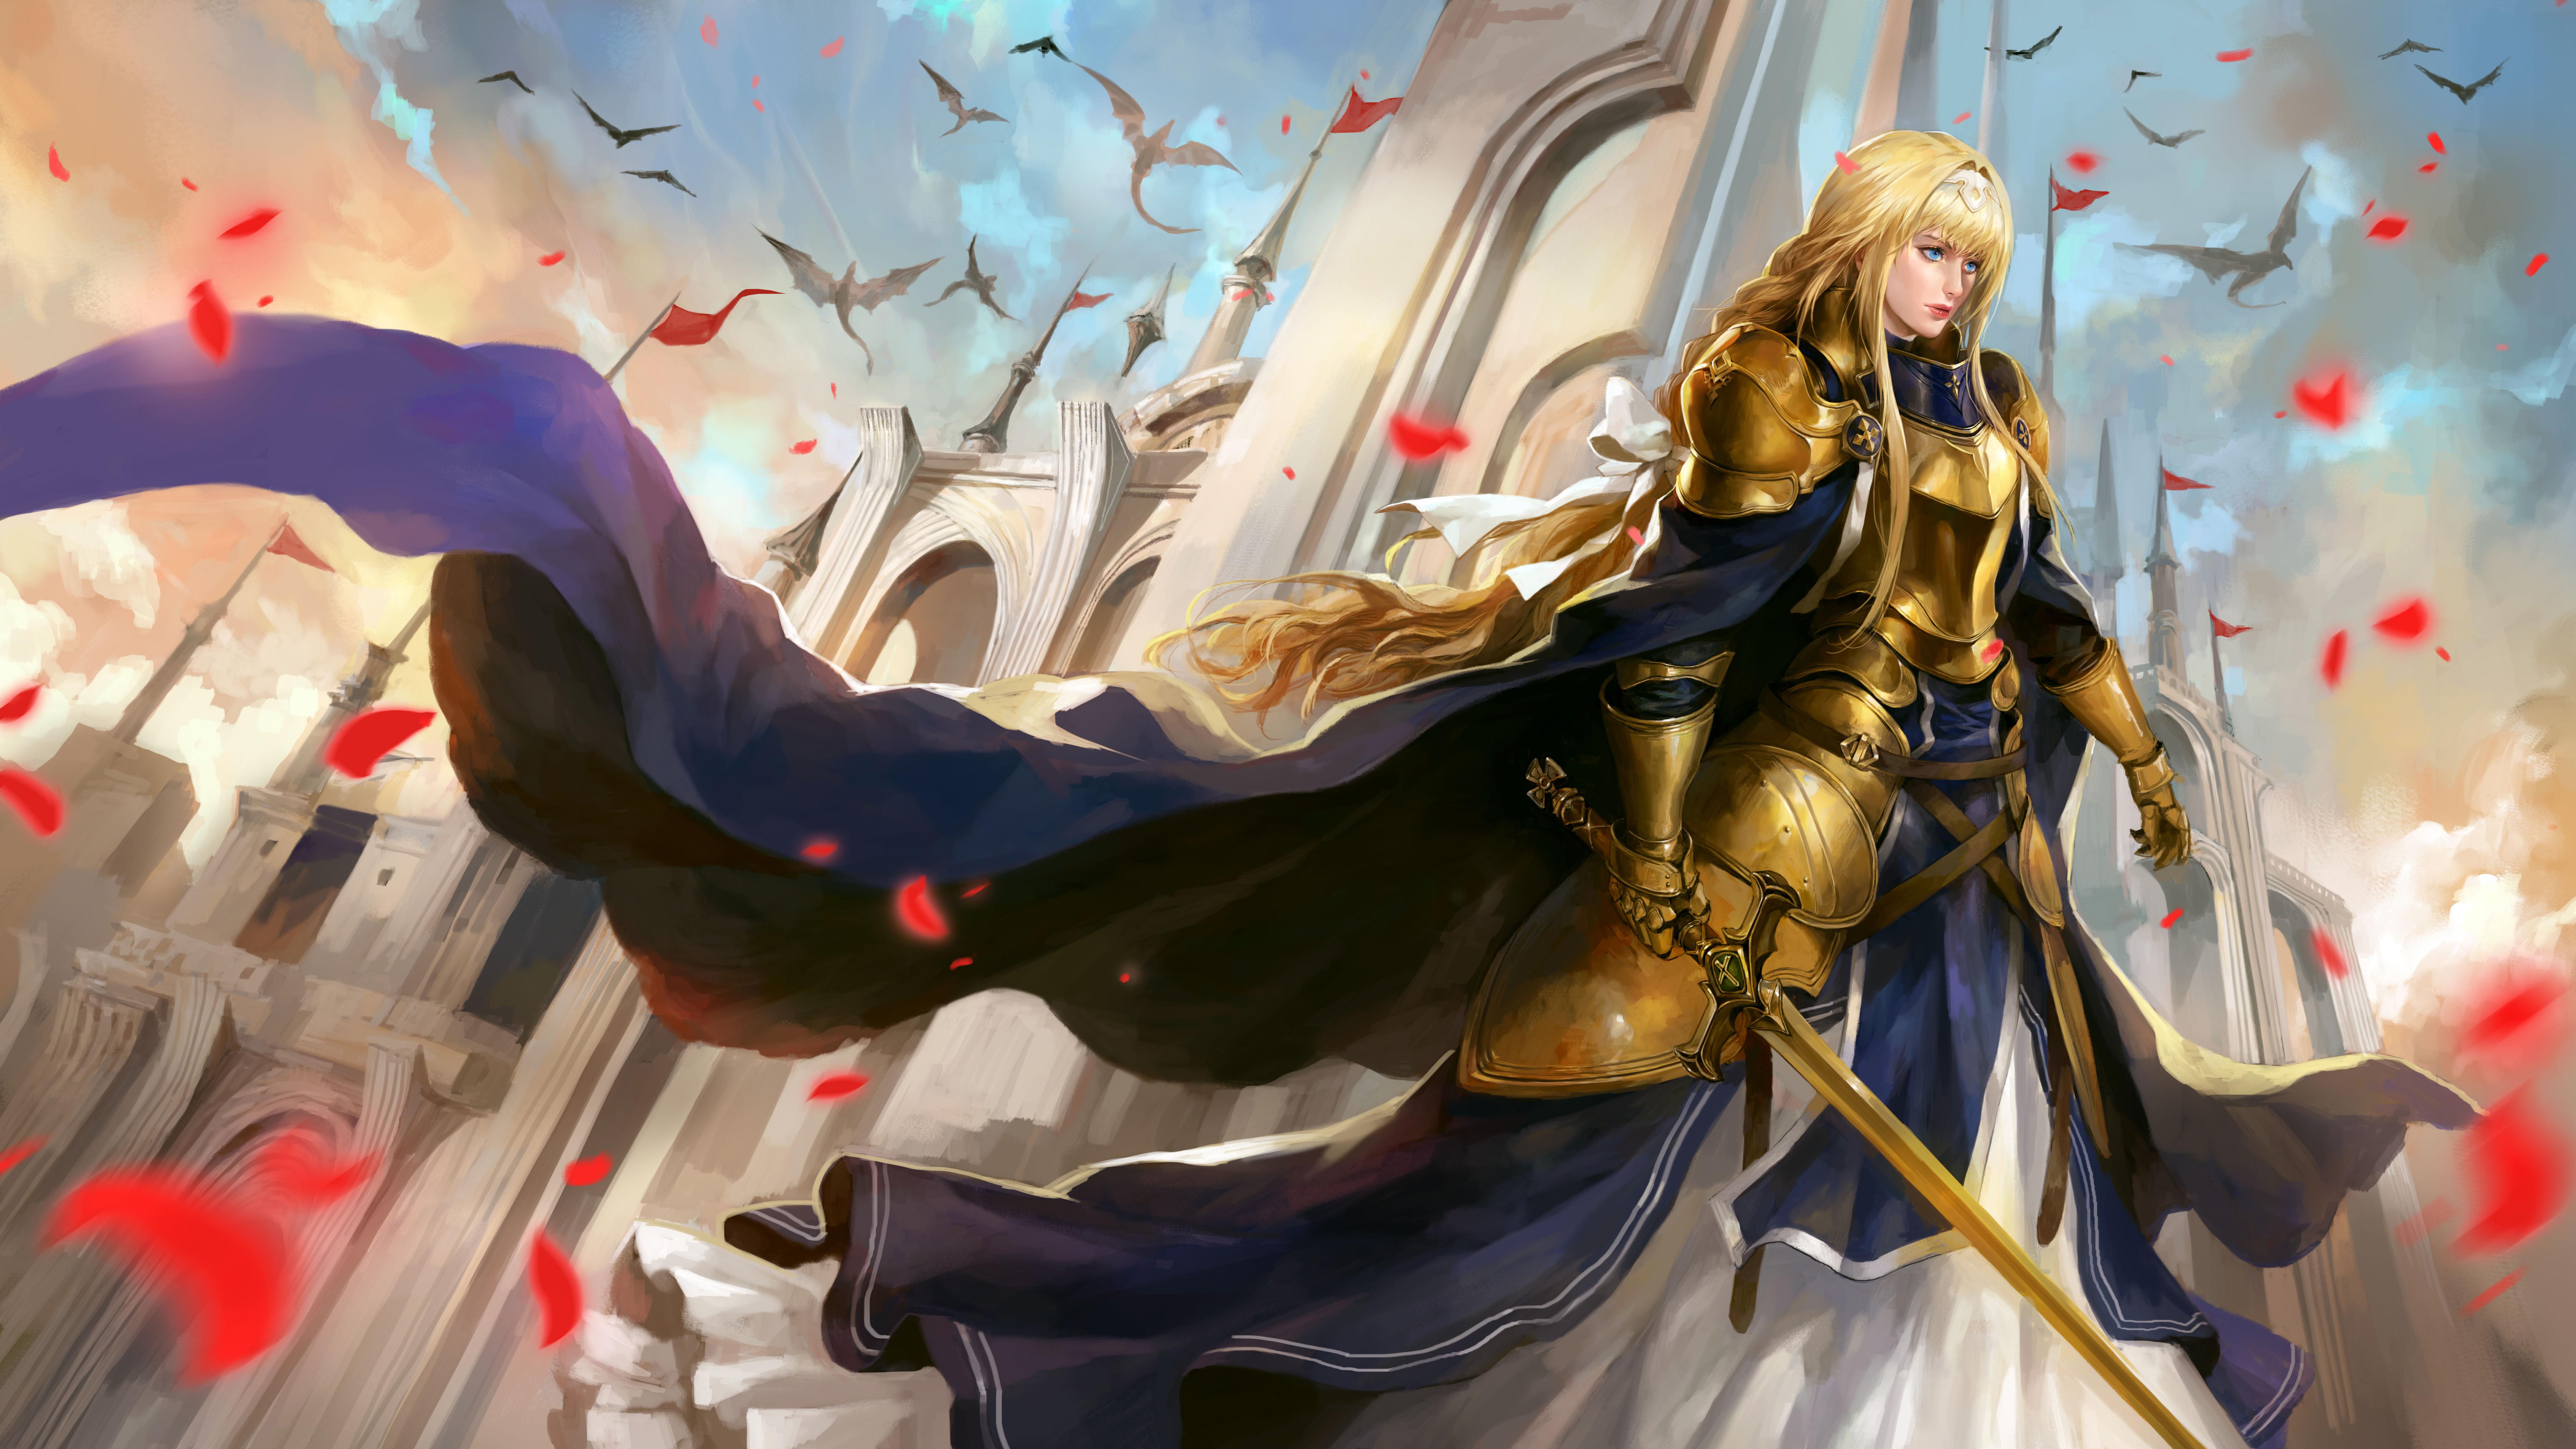 Alice Zuberg Sword Art Online 8k, HD Anime, 4k Wallpapers ...